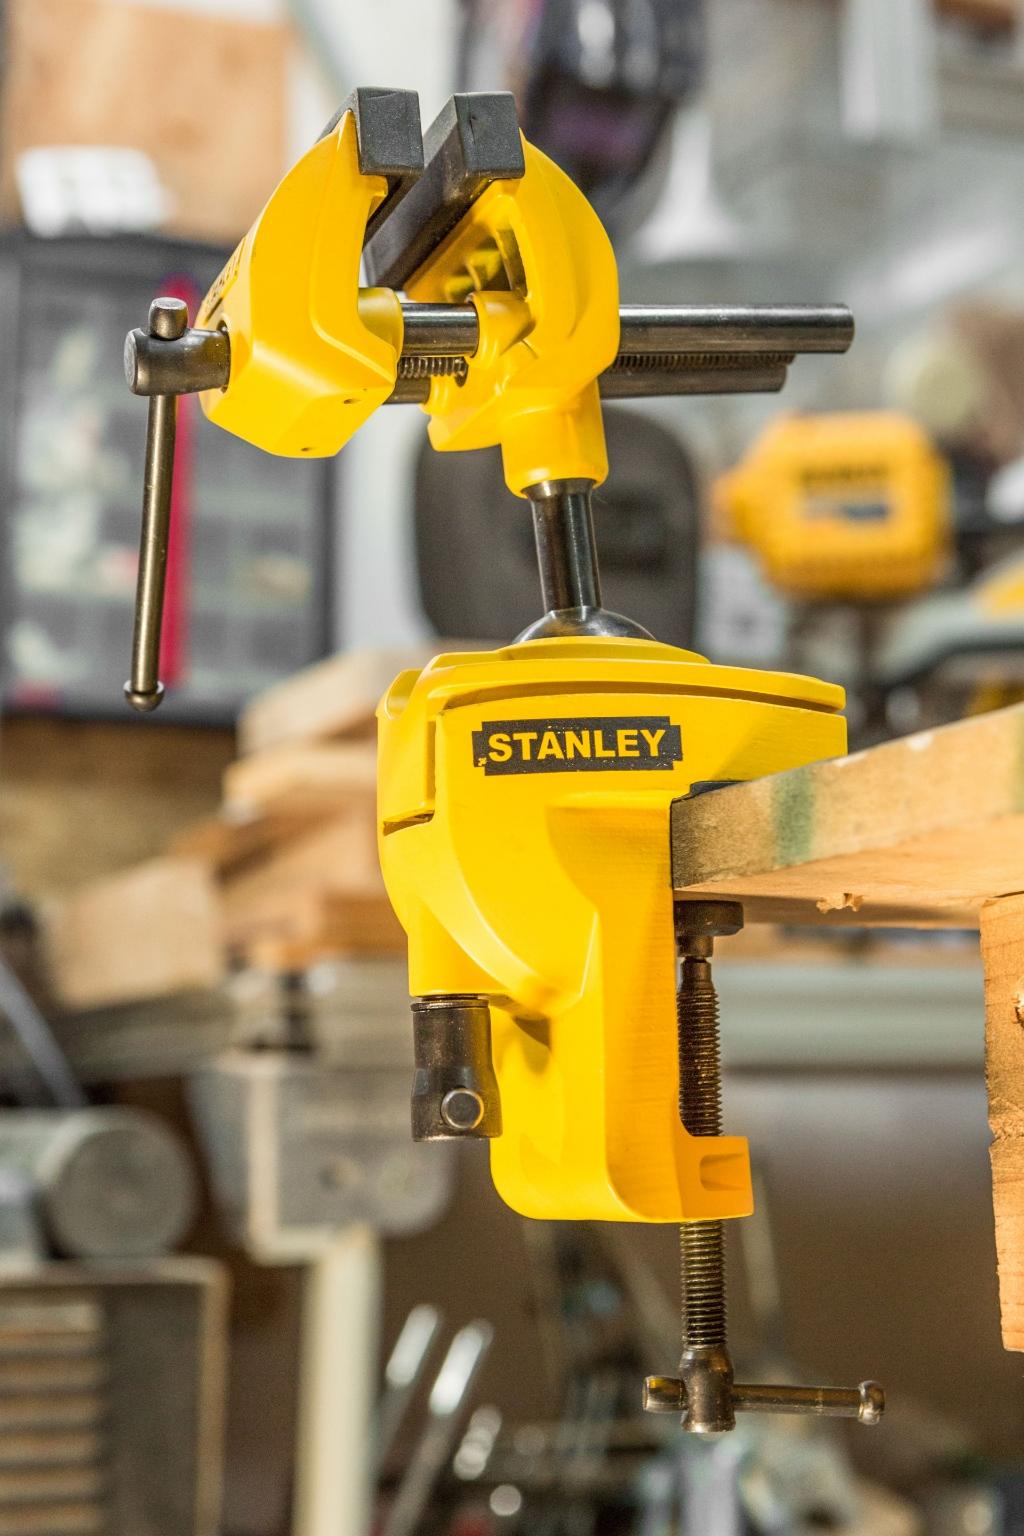 <p>Stanley Multi Grip 360&deg; bankschroef.</p> Jaap van Rijn/KlusVisie © BDU media